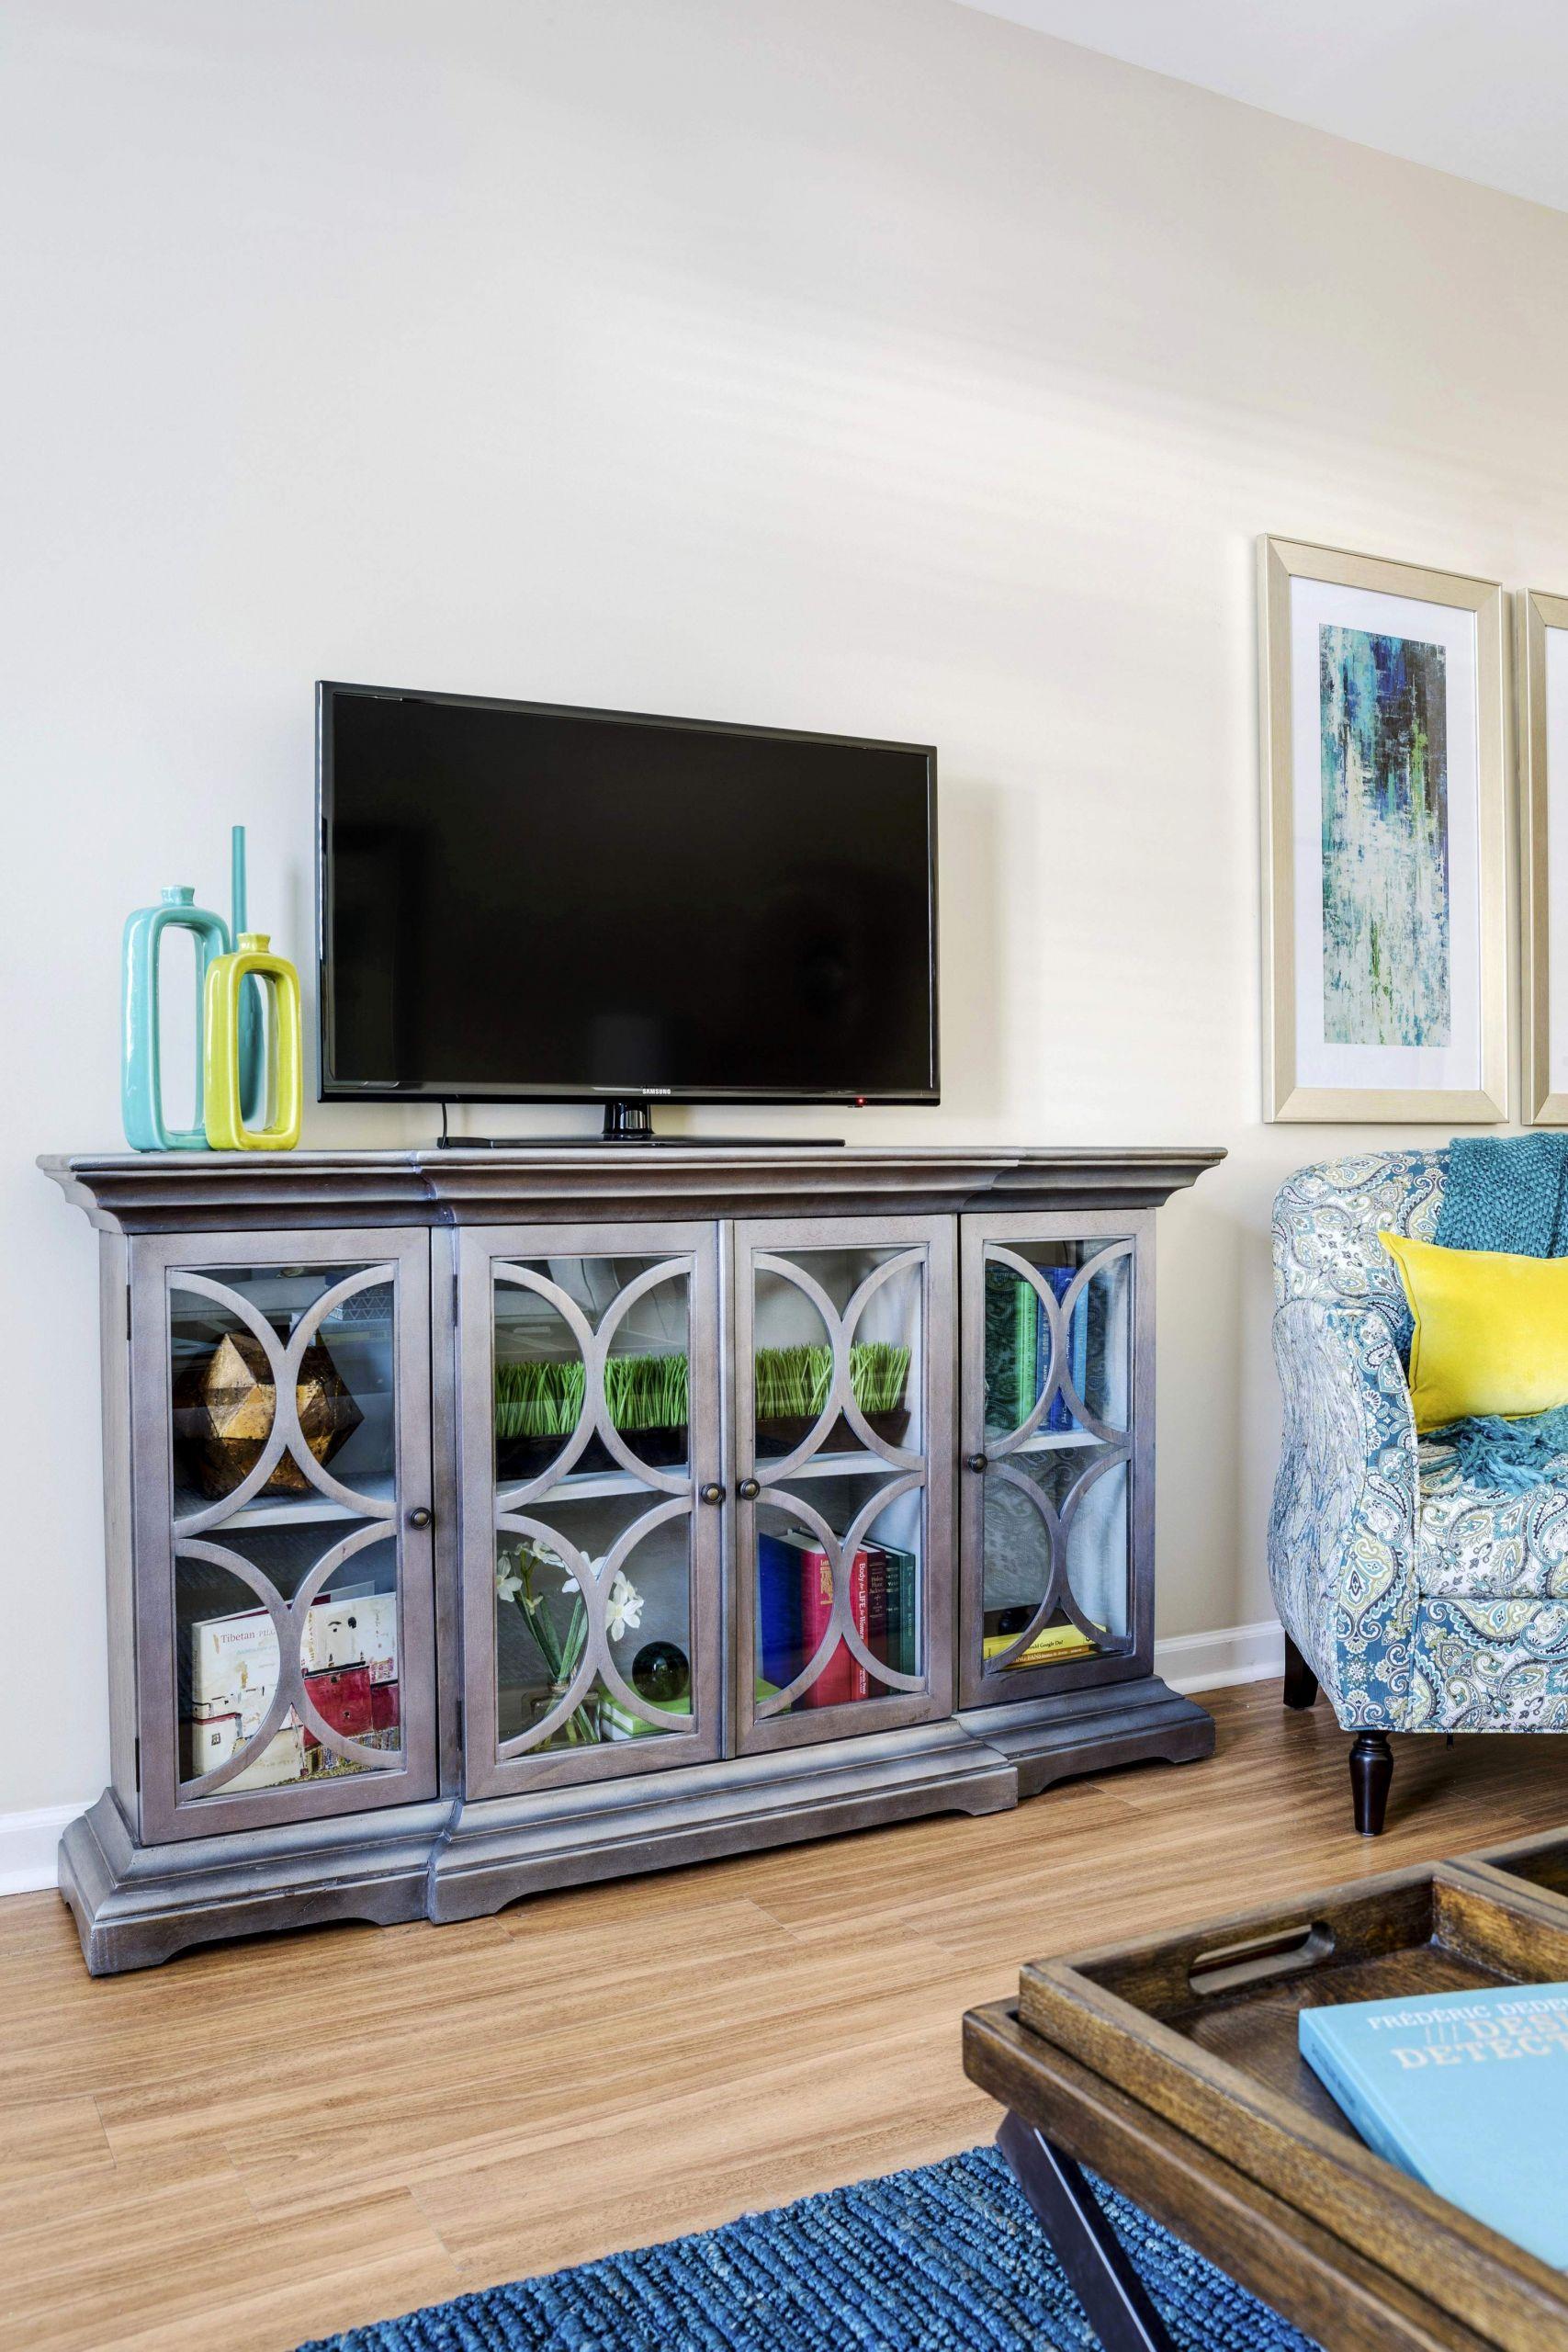 kamin im wohnzimmer das beste von luxus wohnzimmer modern genial garten kamin wohnideen kamin of kamin im wohnzimmer